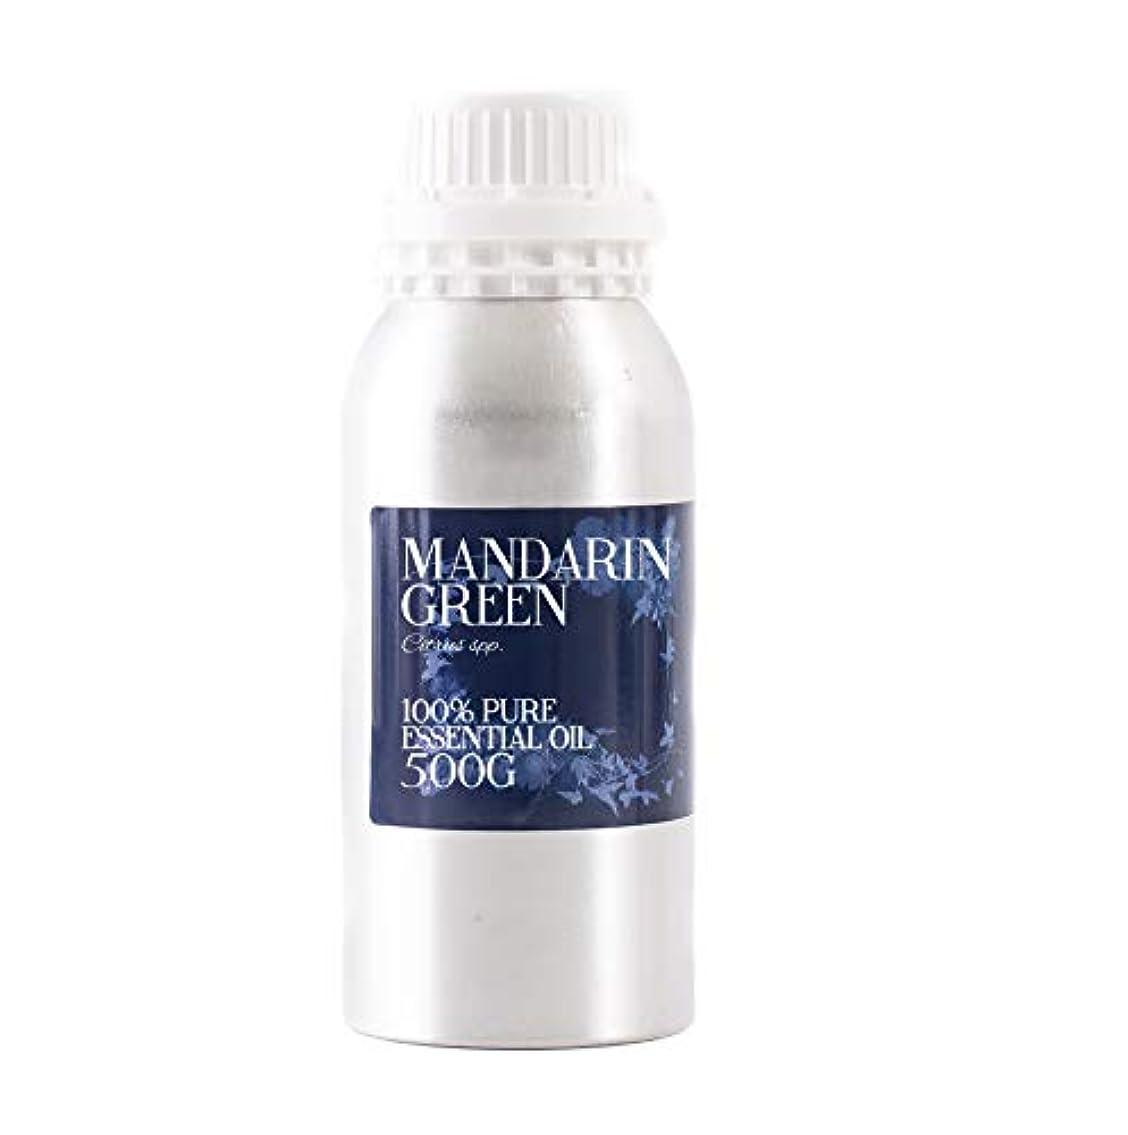 予感拍車機知に富んだMystic Moments | Mandarin Green Essential Oil - 500g - 100% Pure